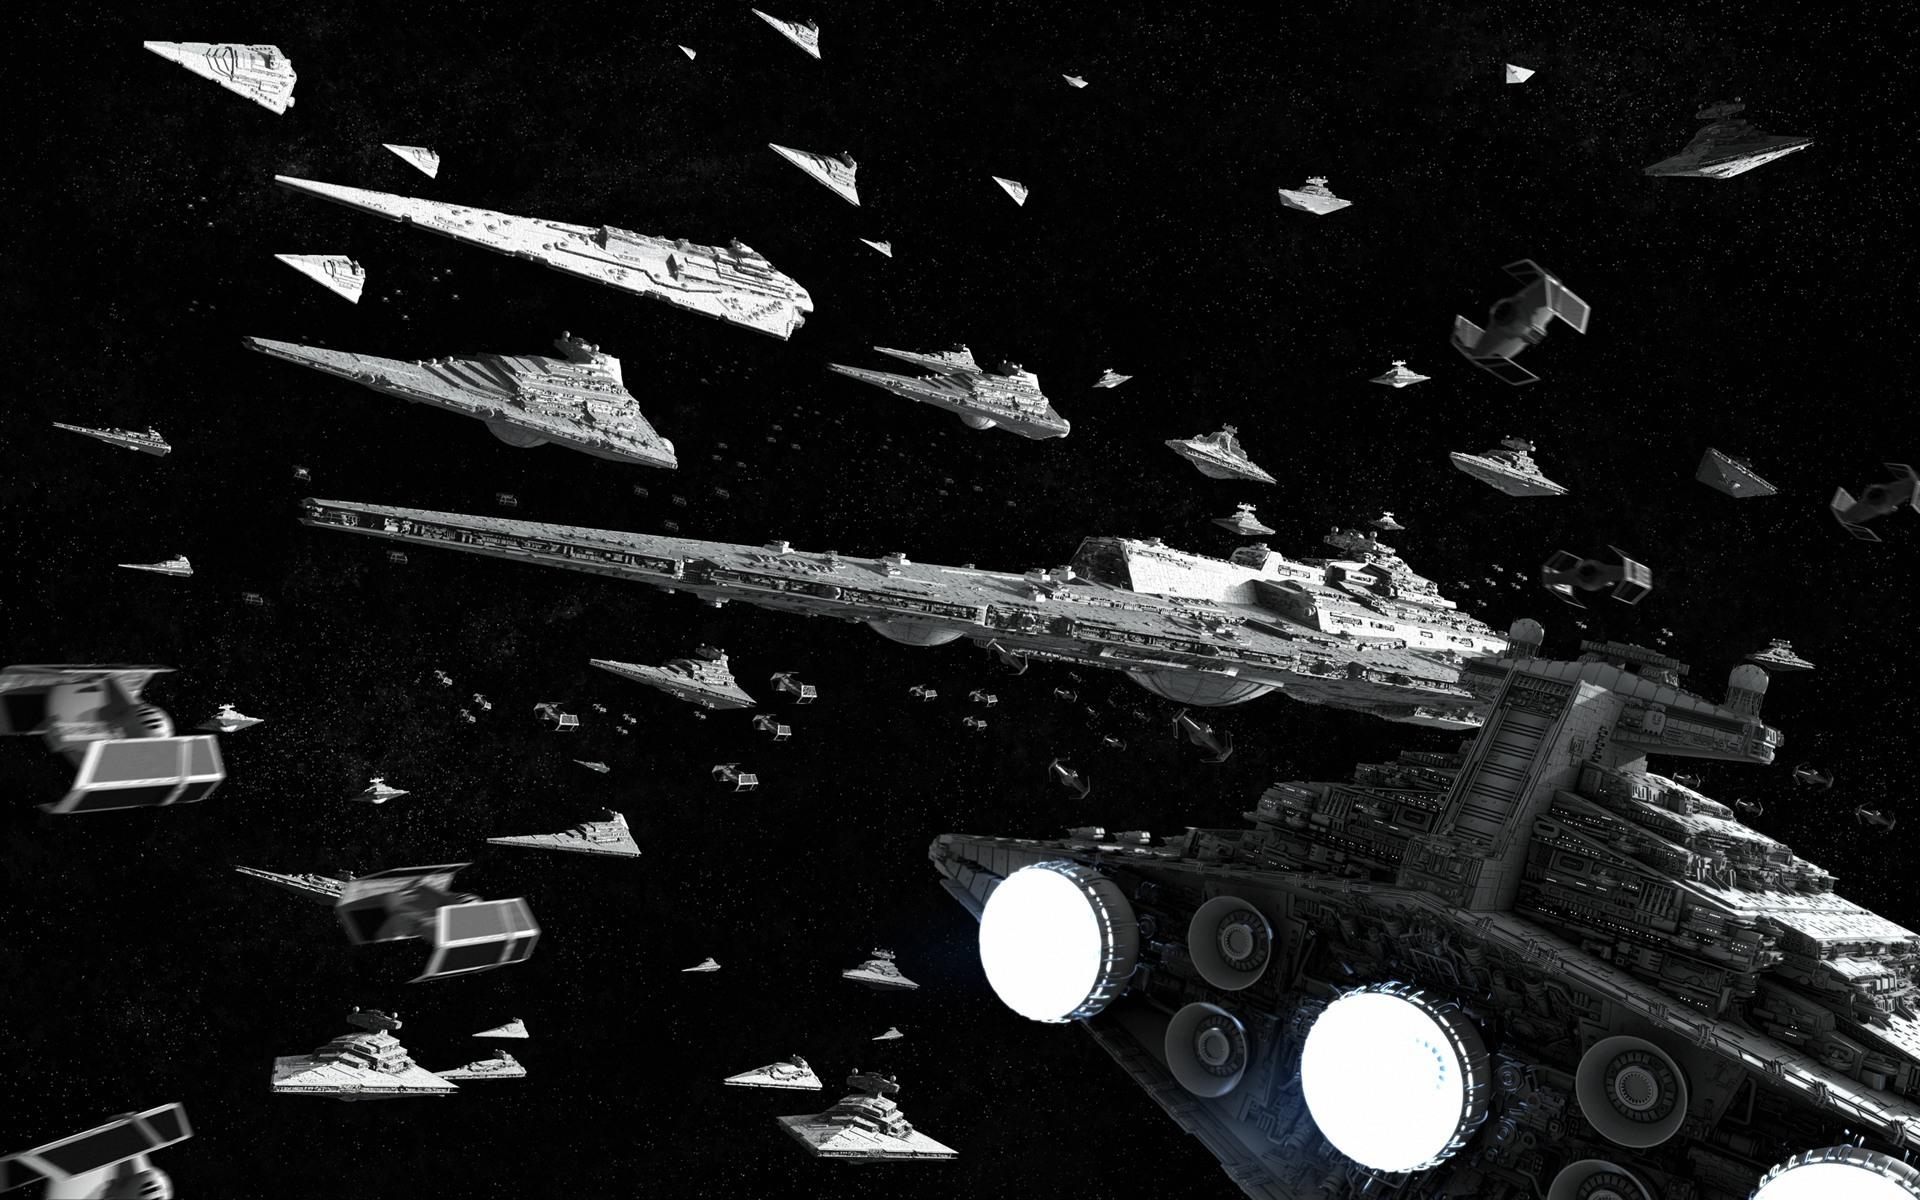 Imperial Fleet Etoile Etoile Star Wars Fond D Ecran 15606909 Fanpop